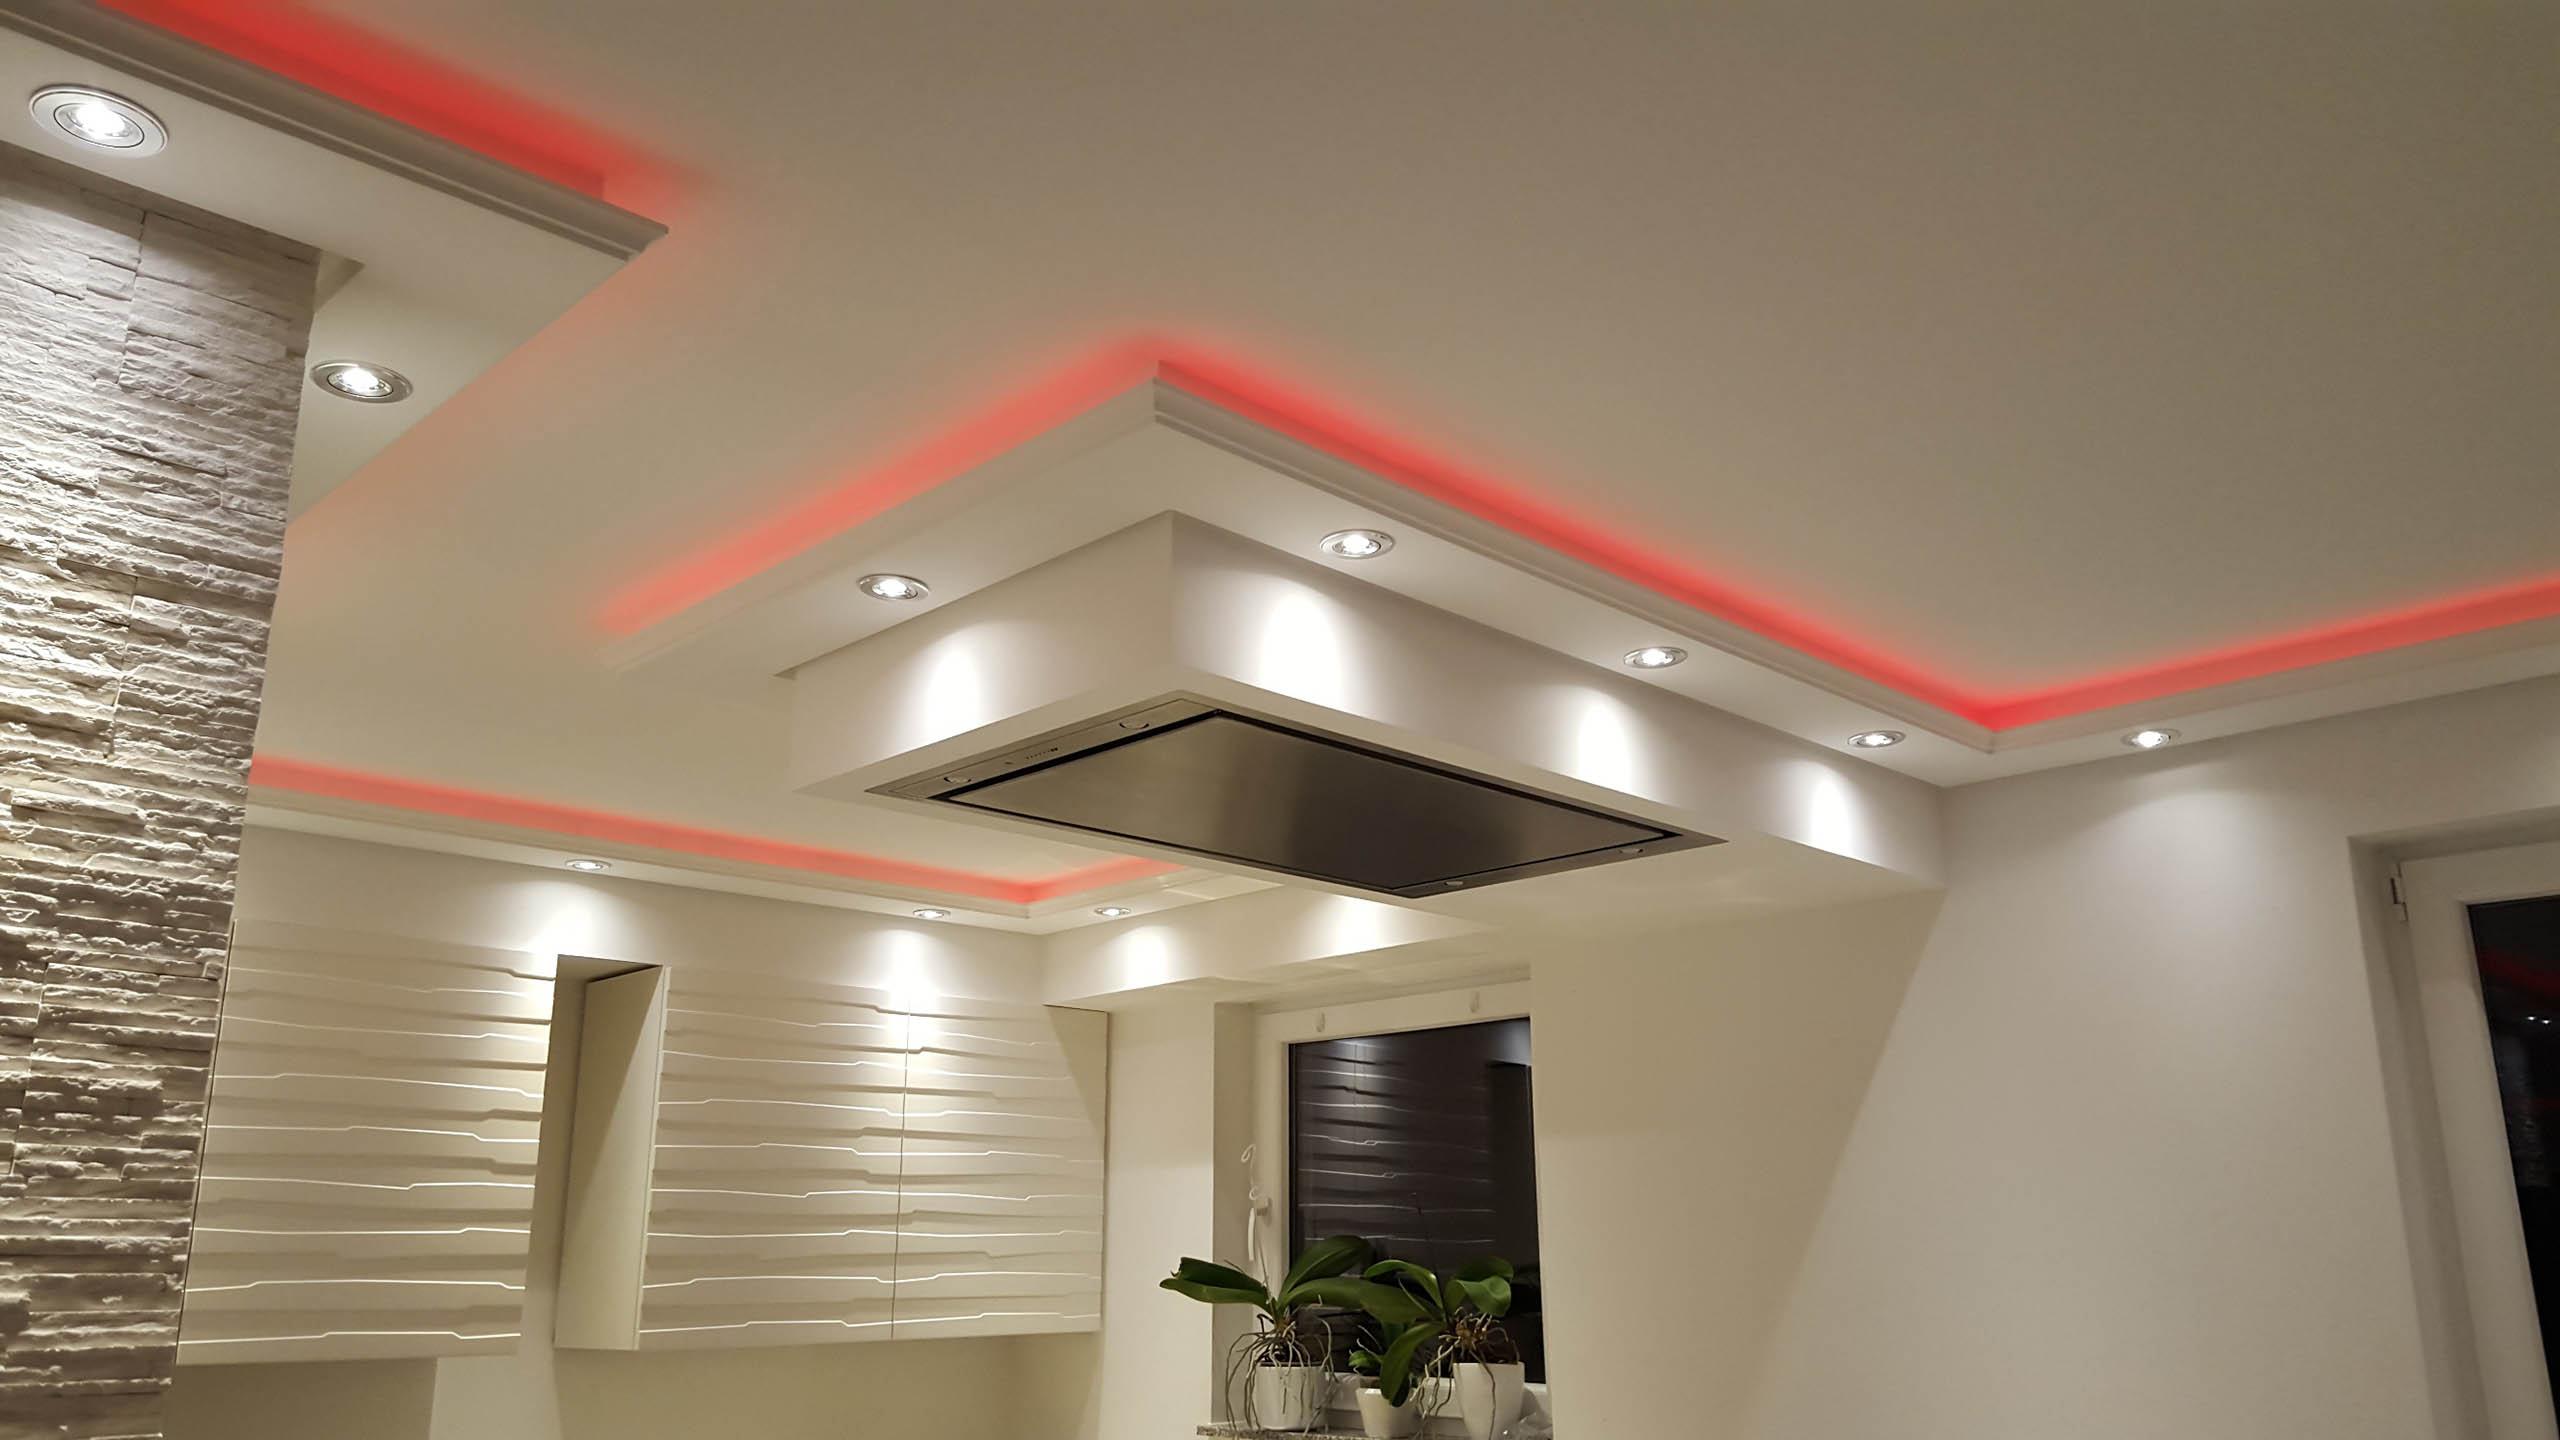 Lichtprofile für indirekte LED-Belechtung von Wand und Decke